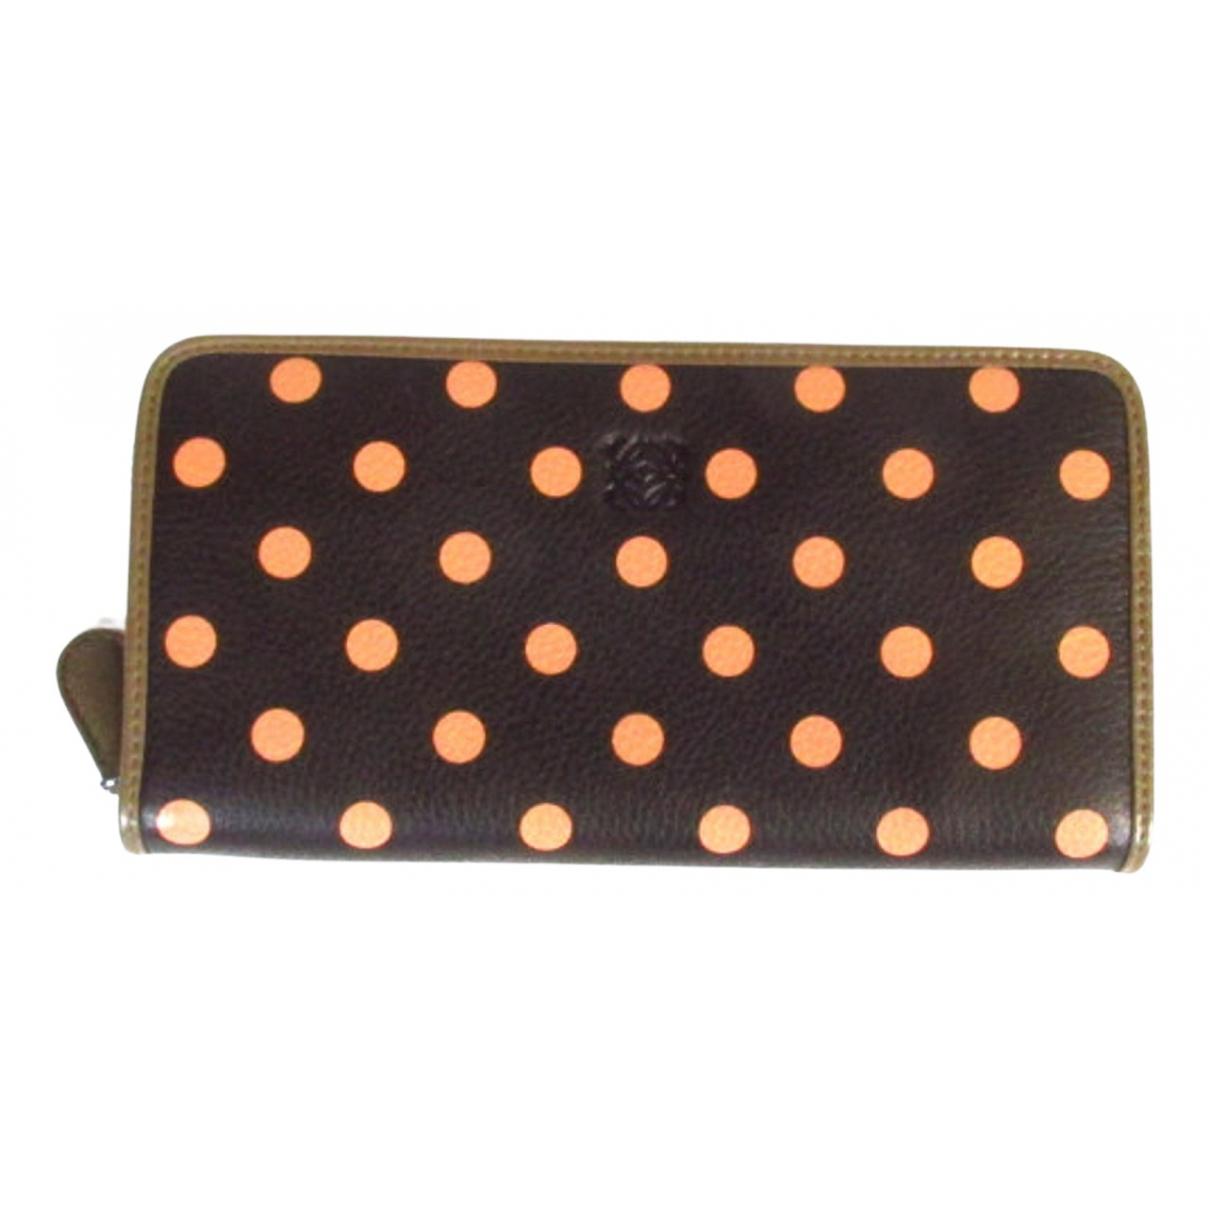 Loewe - Portefeuille   pour femme en cuir - marron